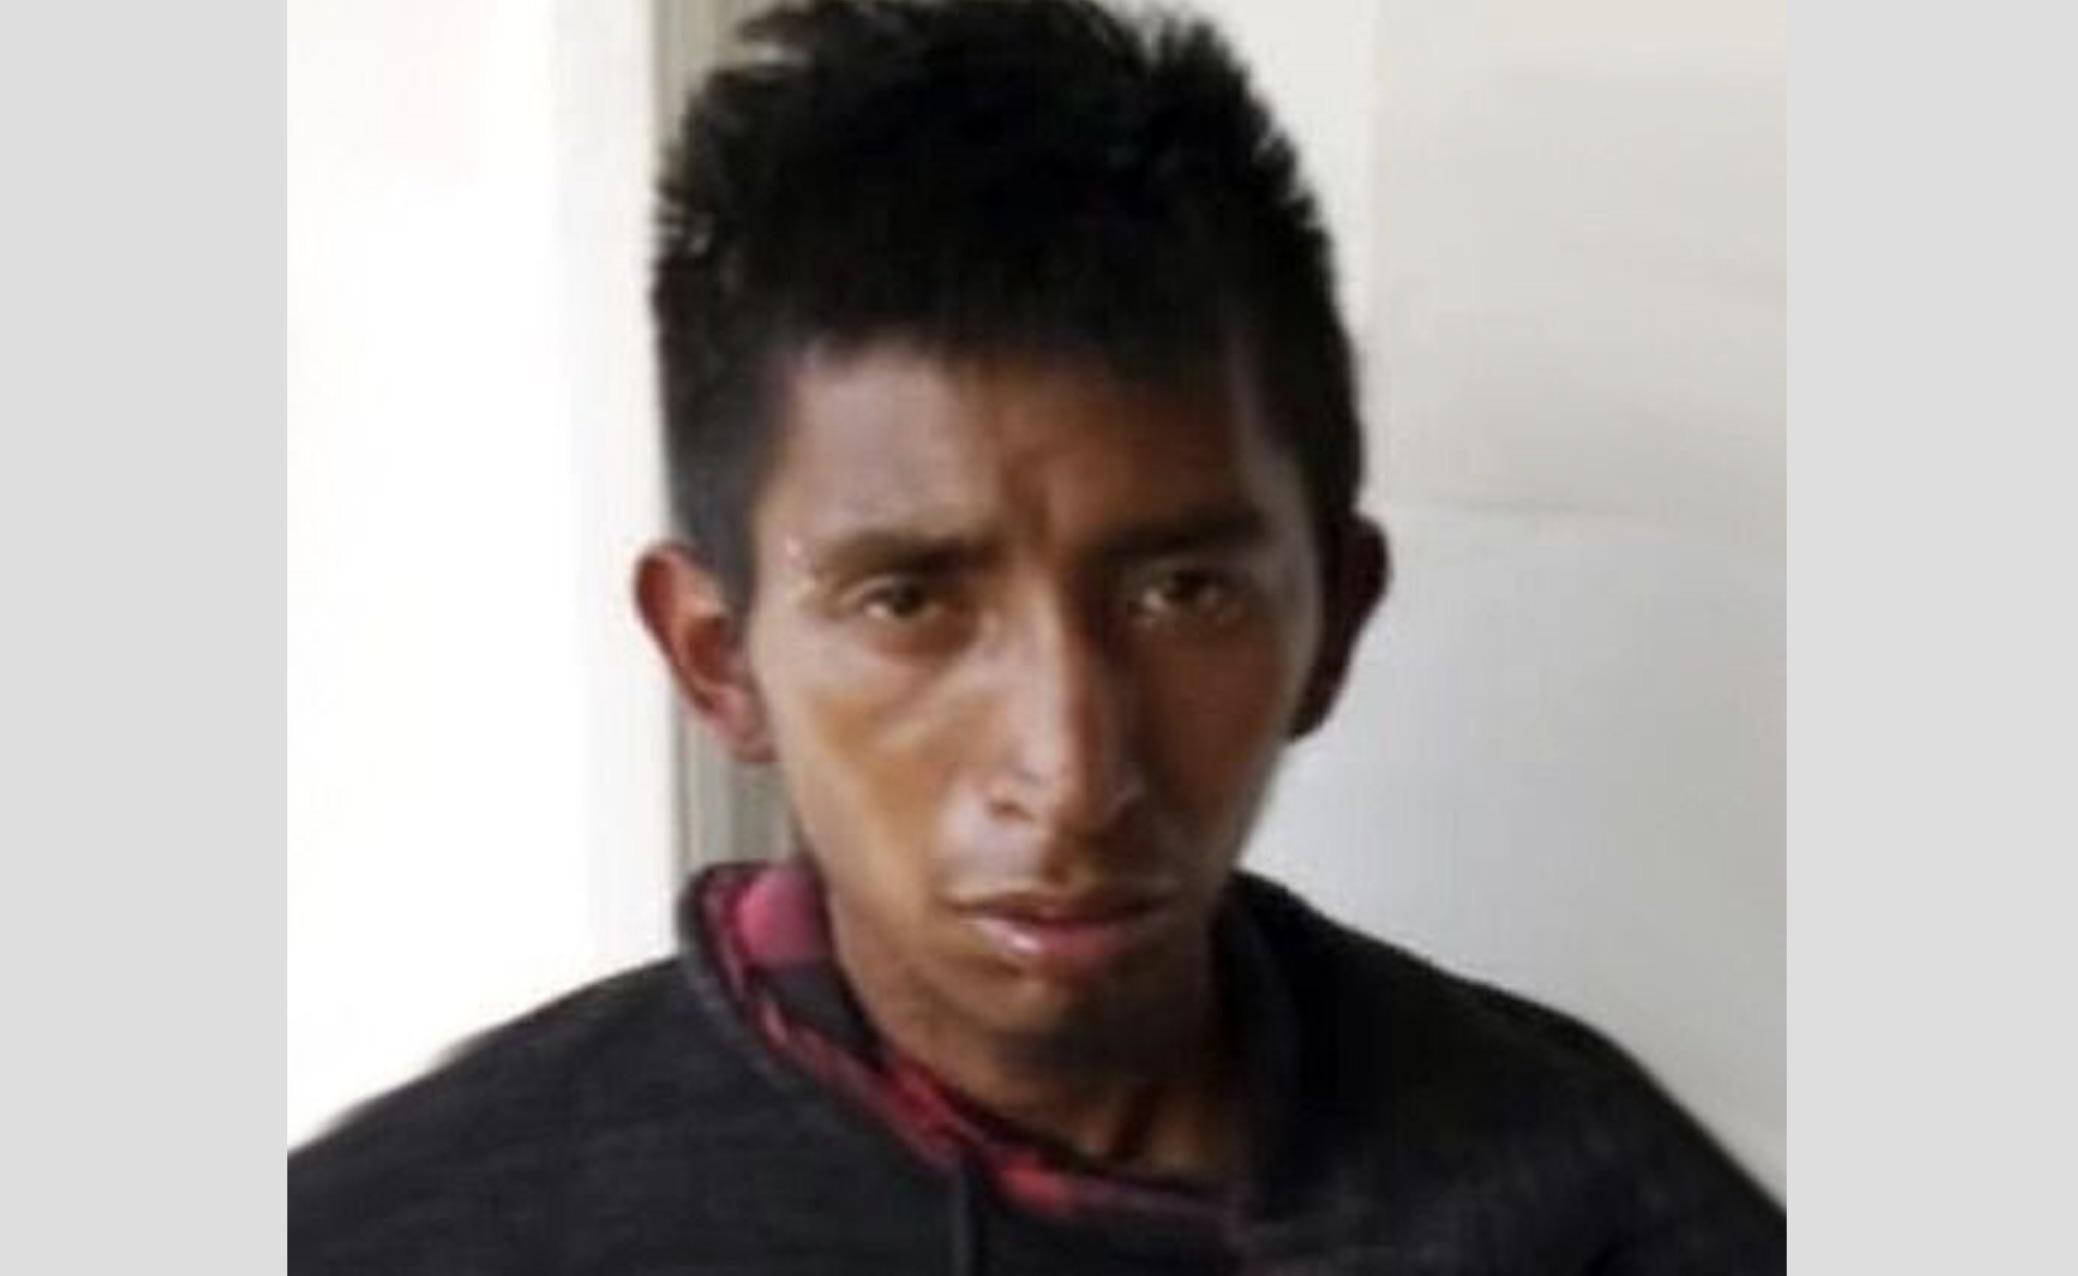 SENTENCIAN A 17 AÑOS DE PRISIÓN A INDIVIDUO ACUSADO POR UN ROBO DE VEHÍCULO EN METEPEC